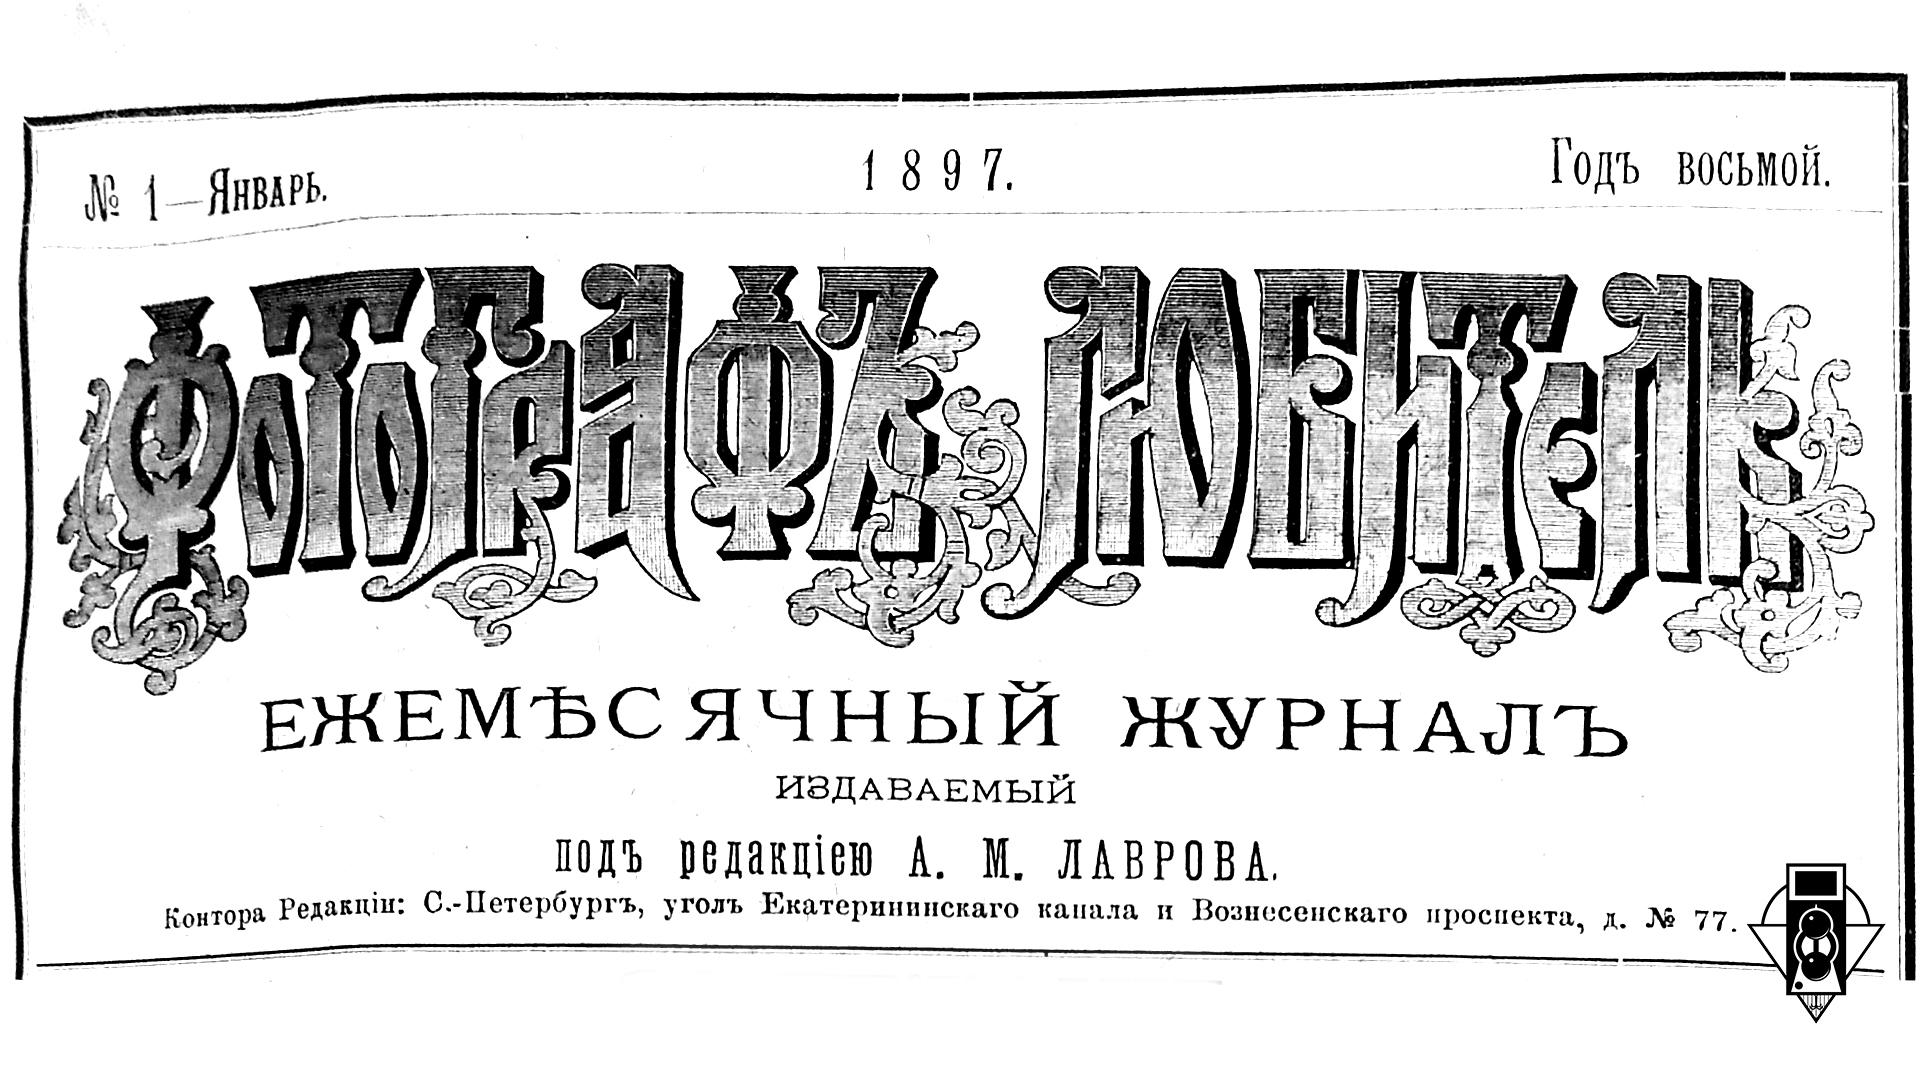 Проблемы Русских Фотографических Обществ за 1897 г.